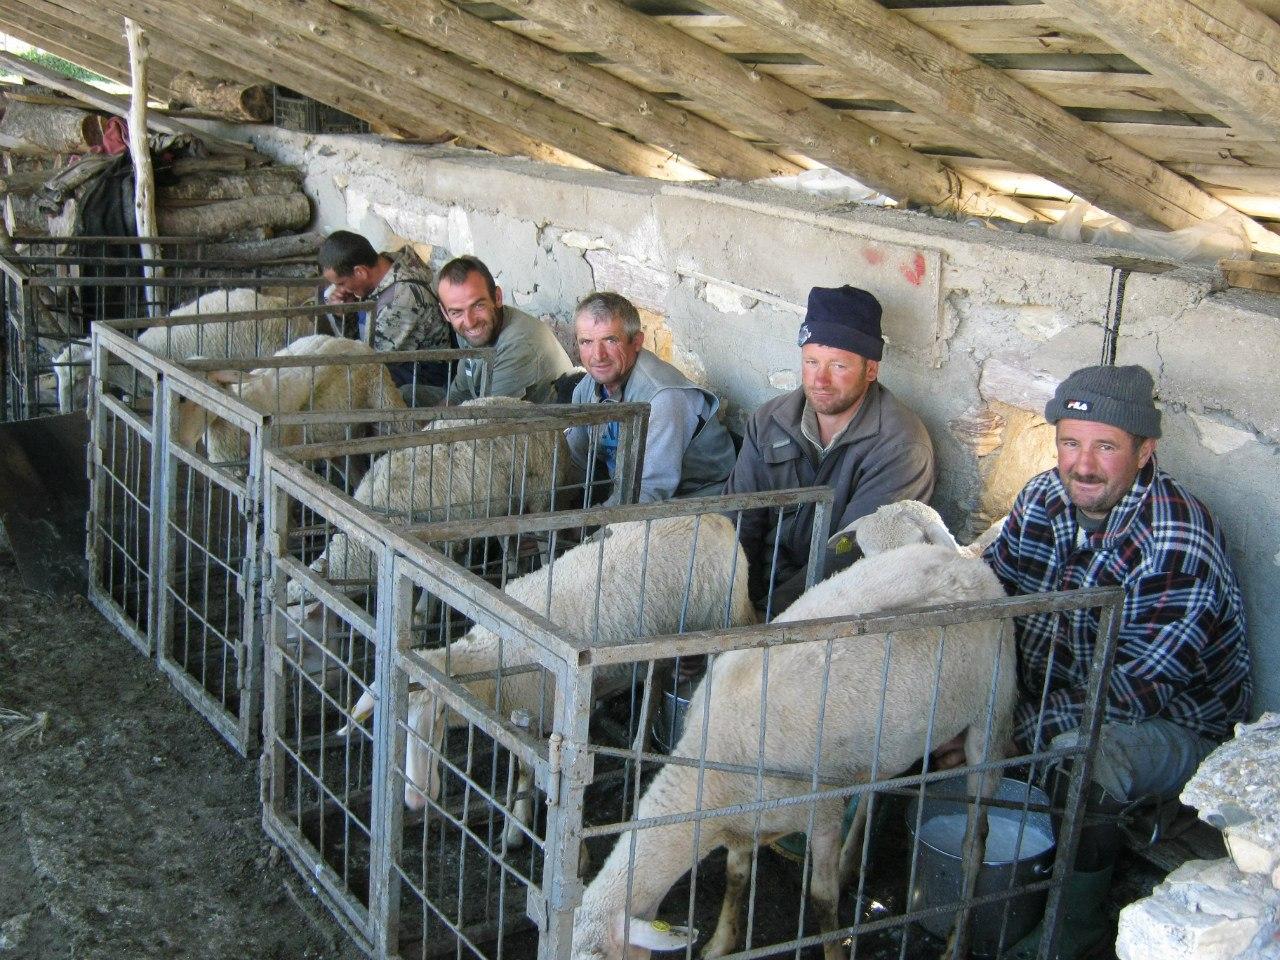 Уникальная картина - пятеро мужиков доят овец